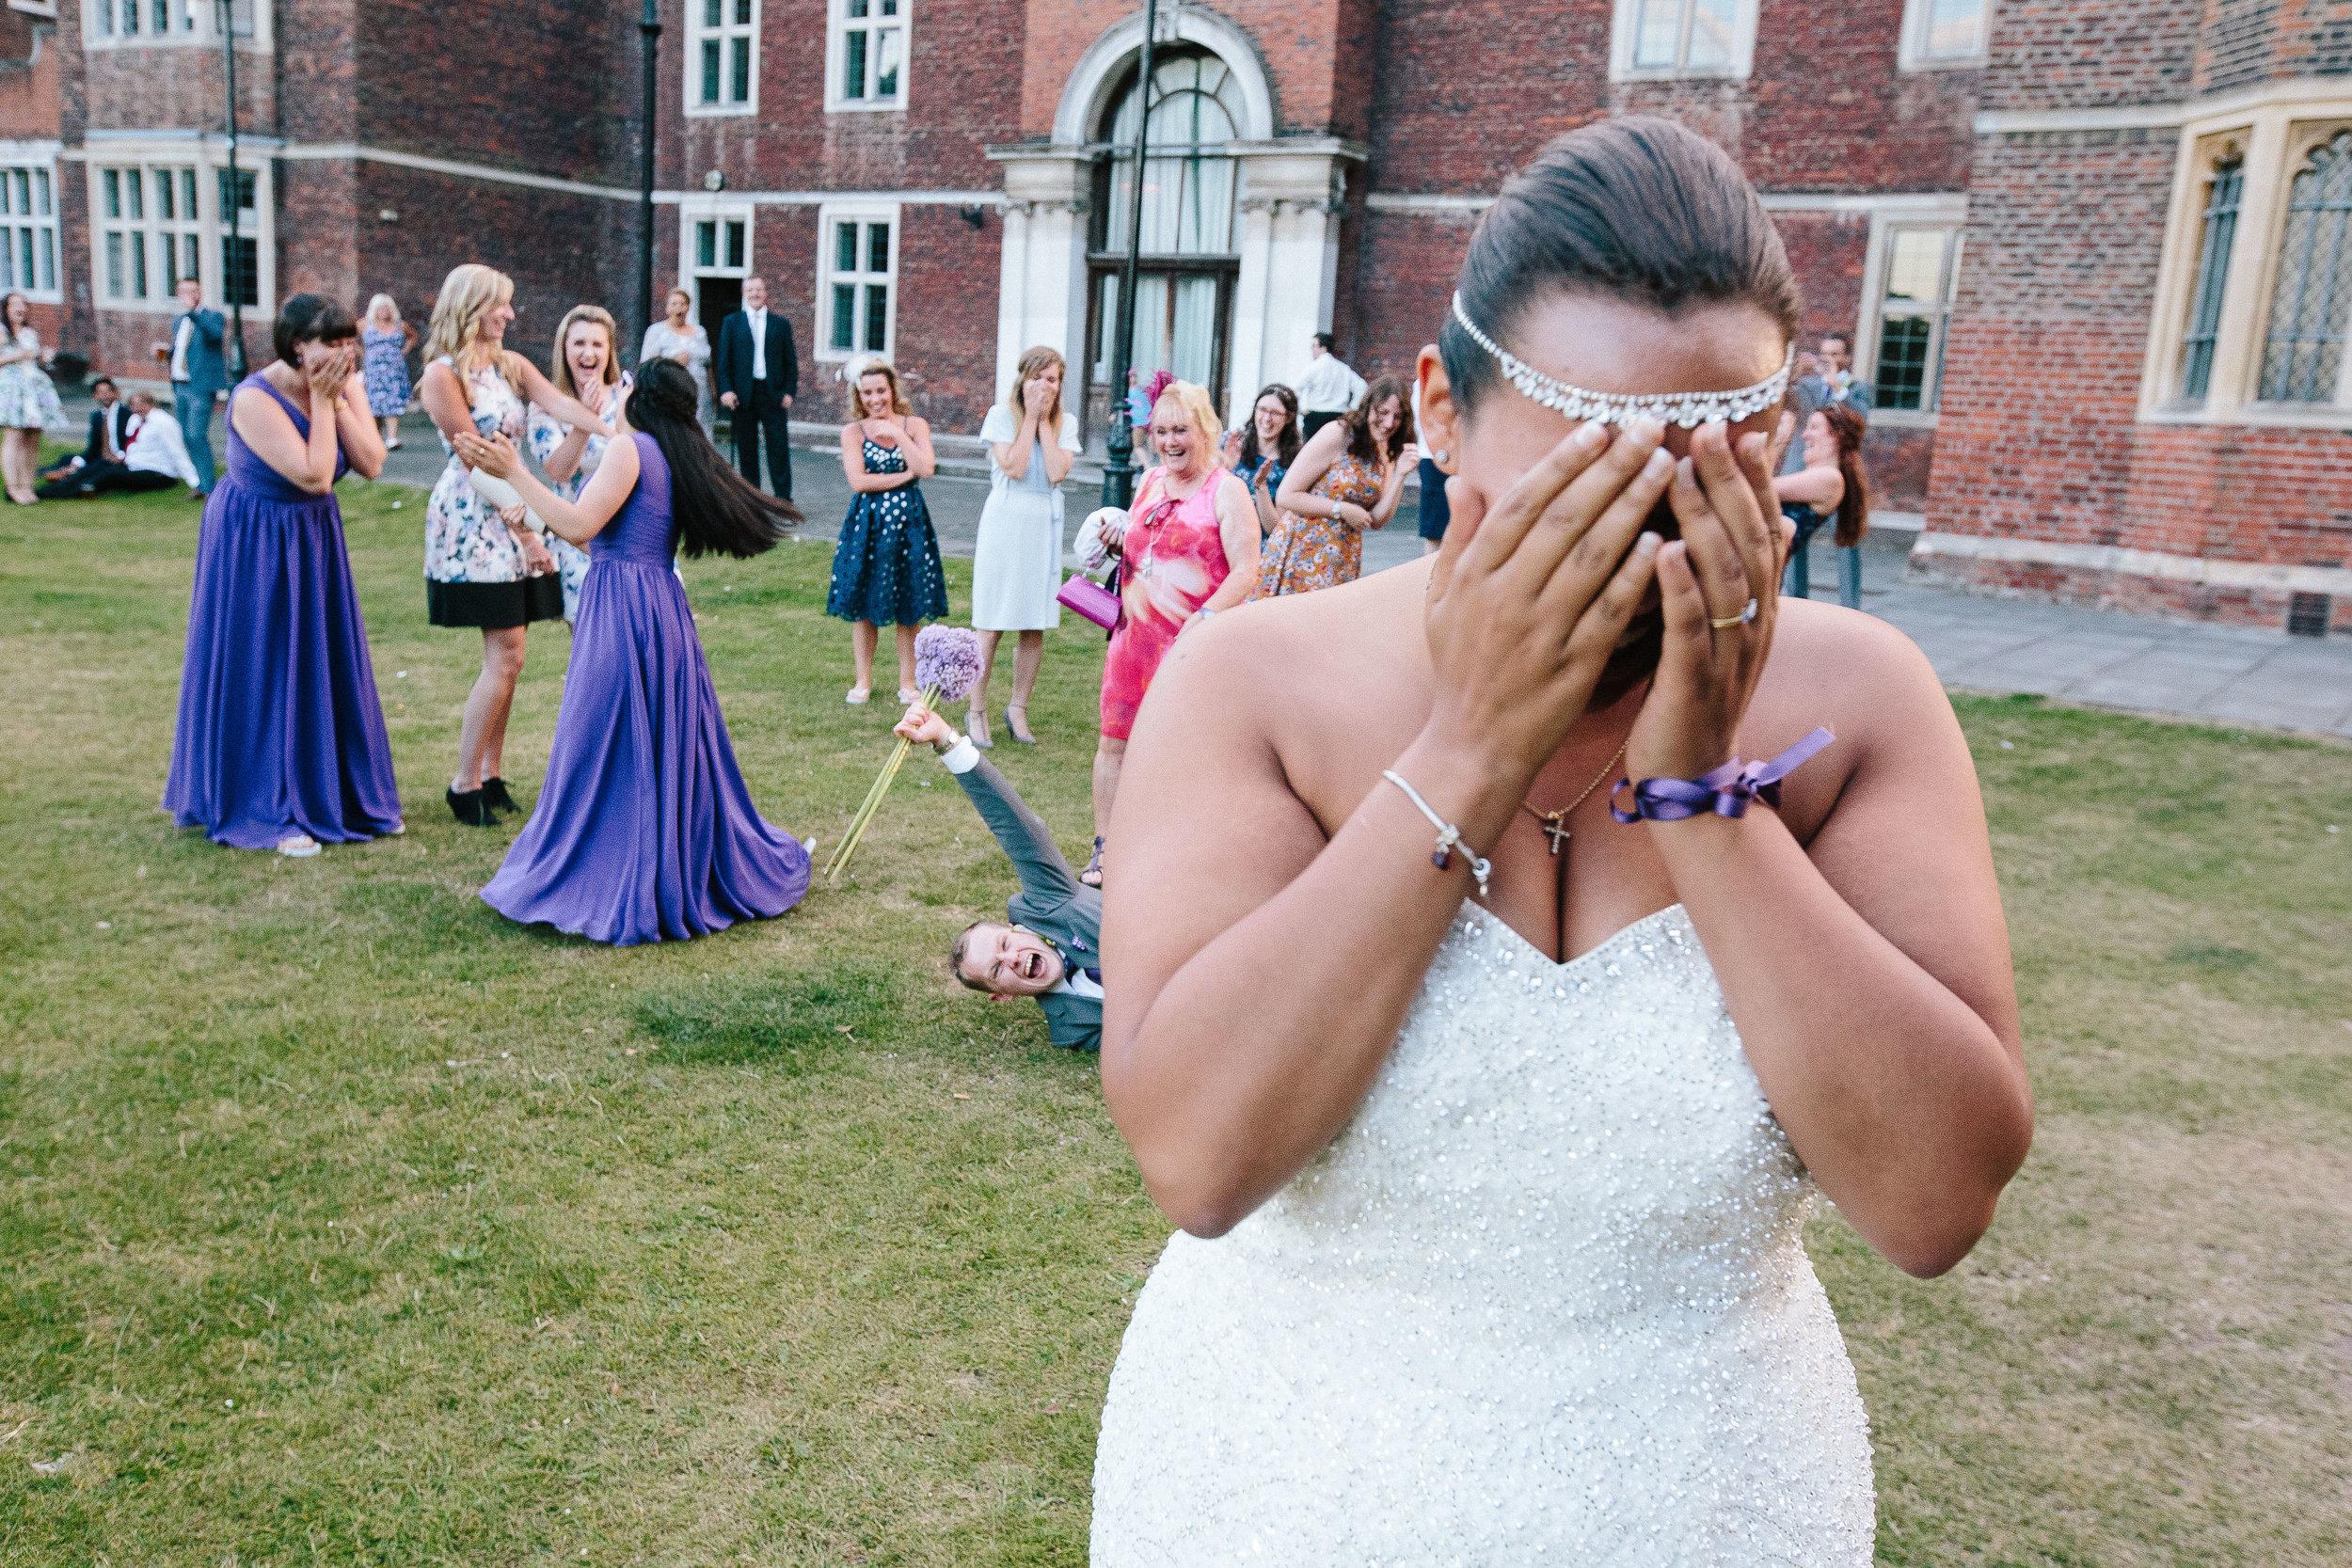 Saint-Alfege-Church-greenwich-wedding-charlton-house-bouquet-toss-1